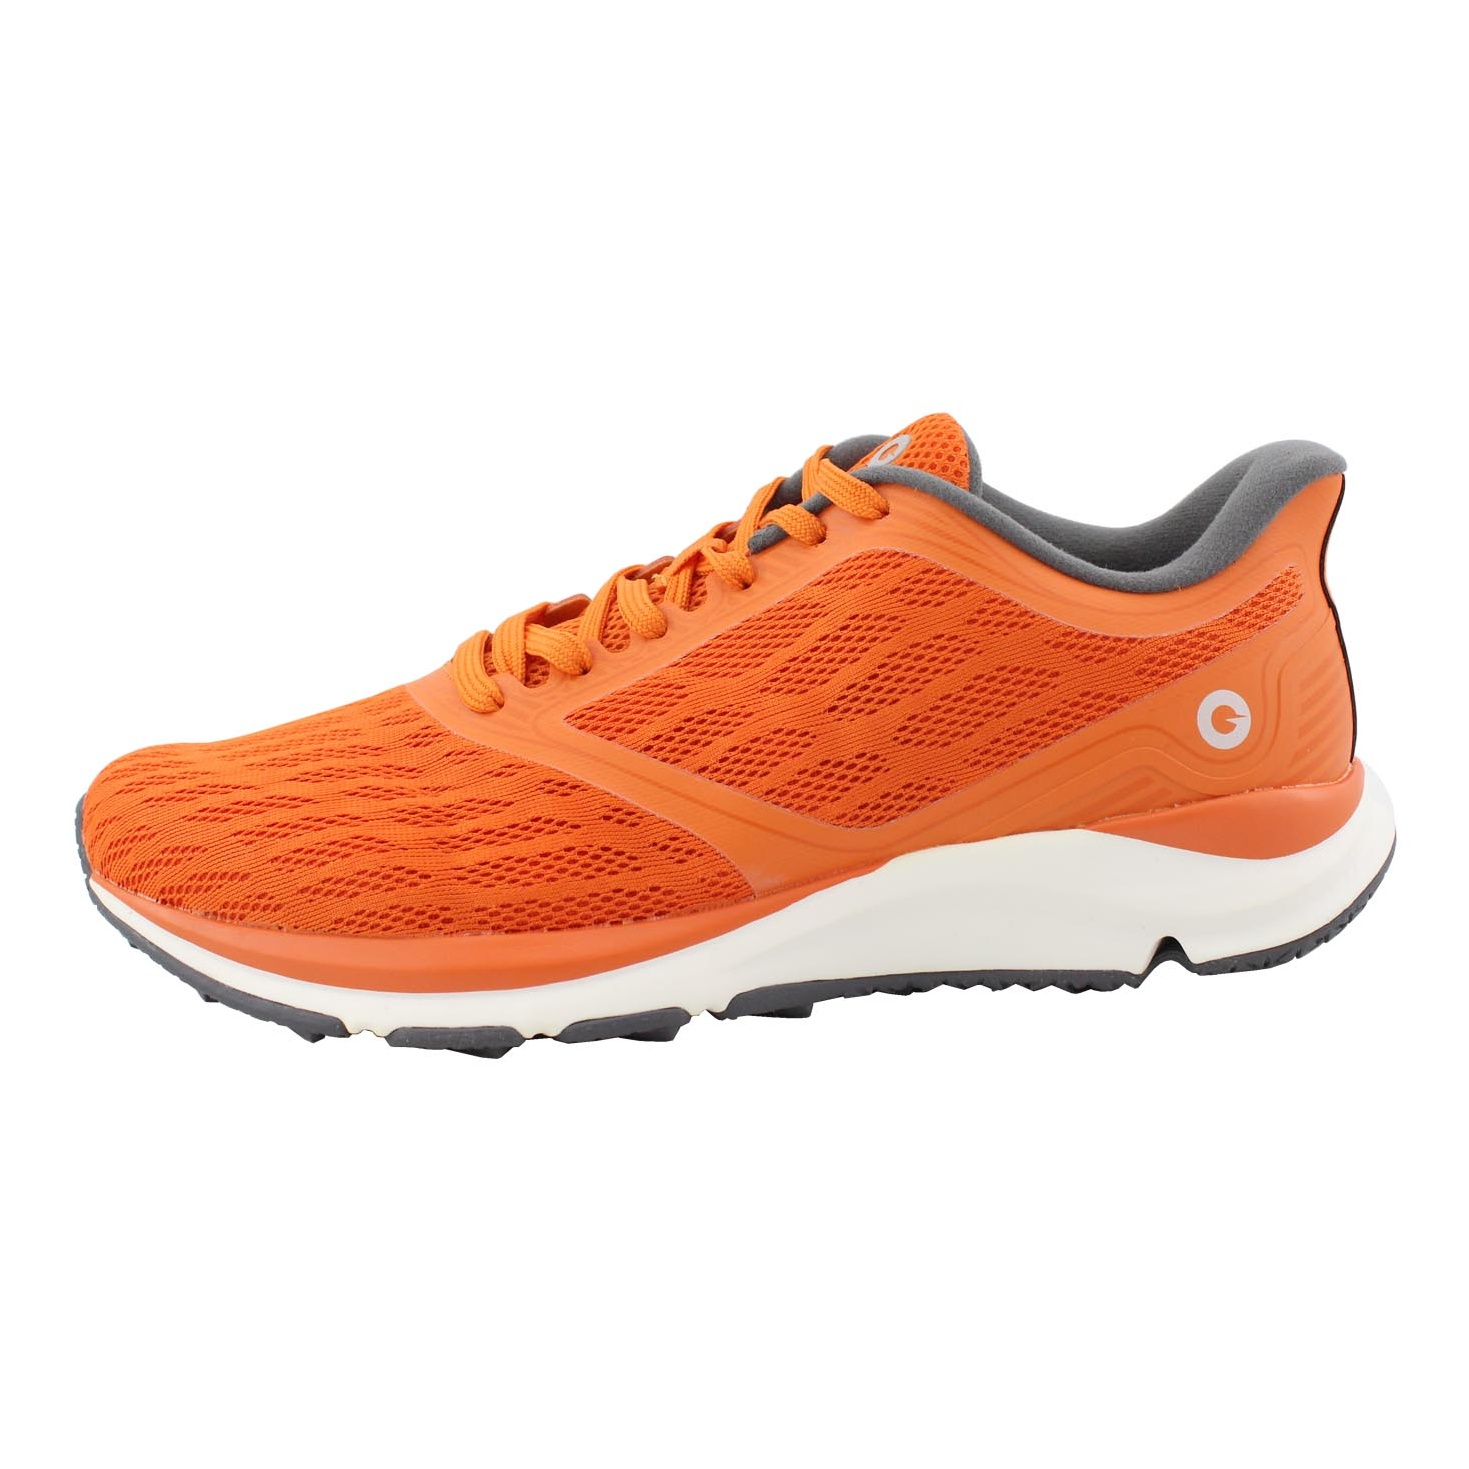 قیمت خرید کفش مخصوص پیاده روی مردانه امیزفیت مدل Antelope Light Outdoor اورجینال